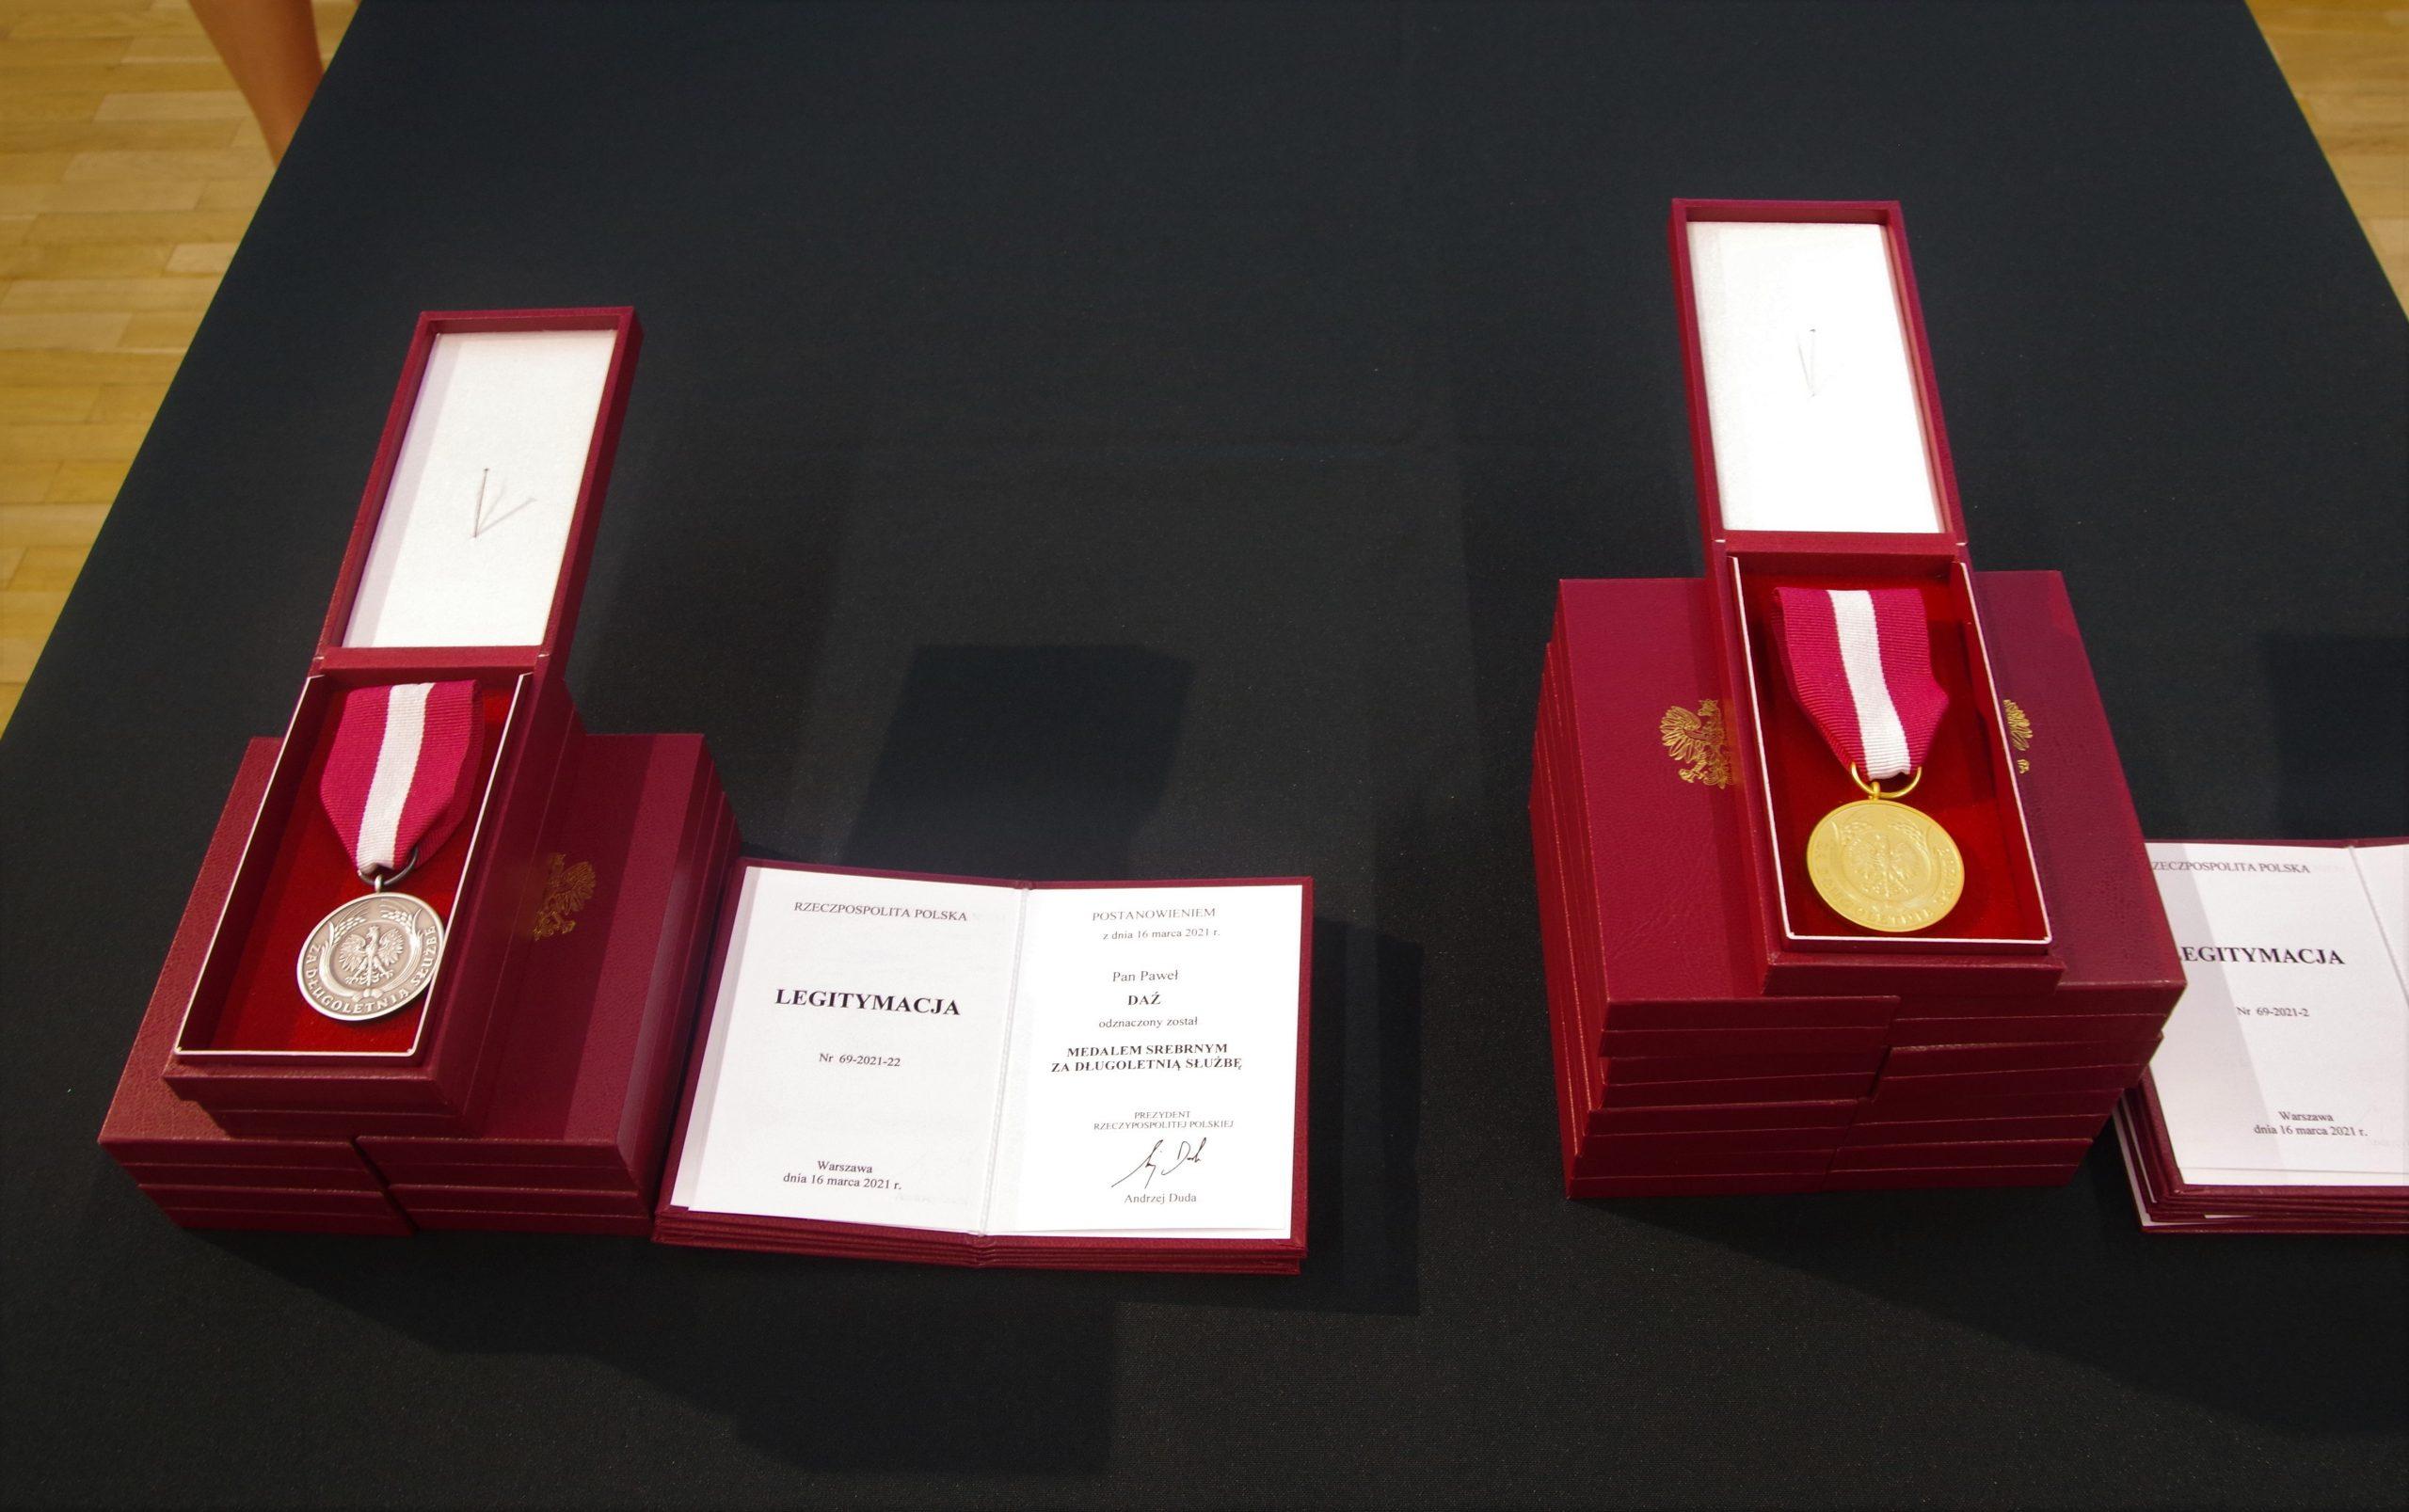 Dwa medale złoty i srebrny w bordowych pudełkach leżące na stole przykrytym ciemnozieloną tkaniną